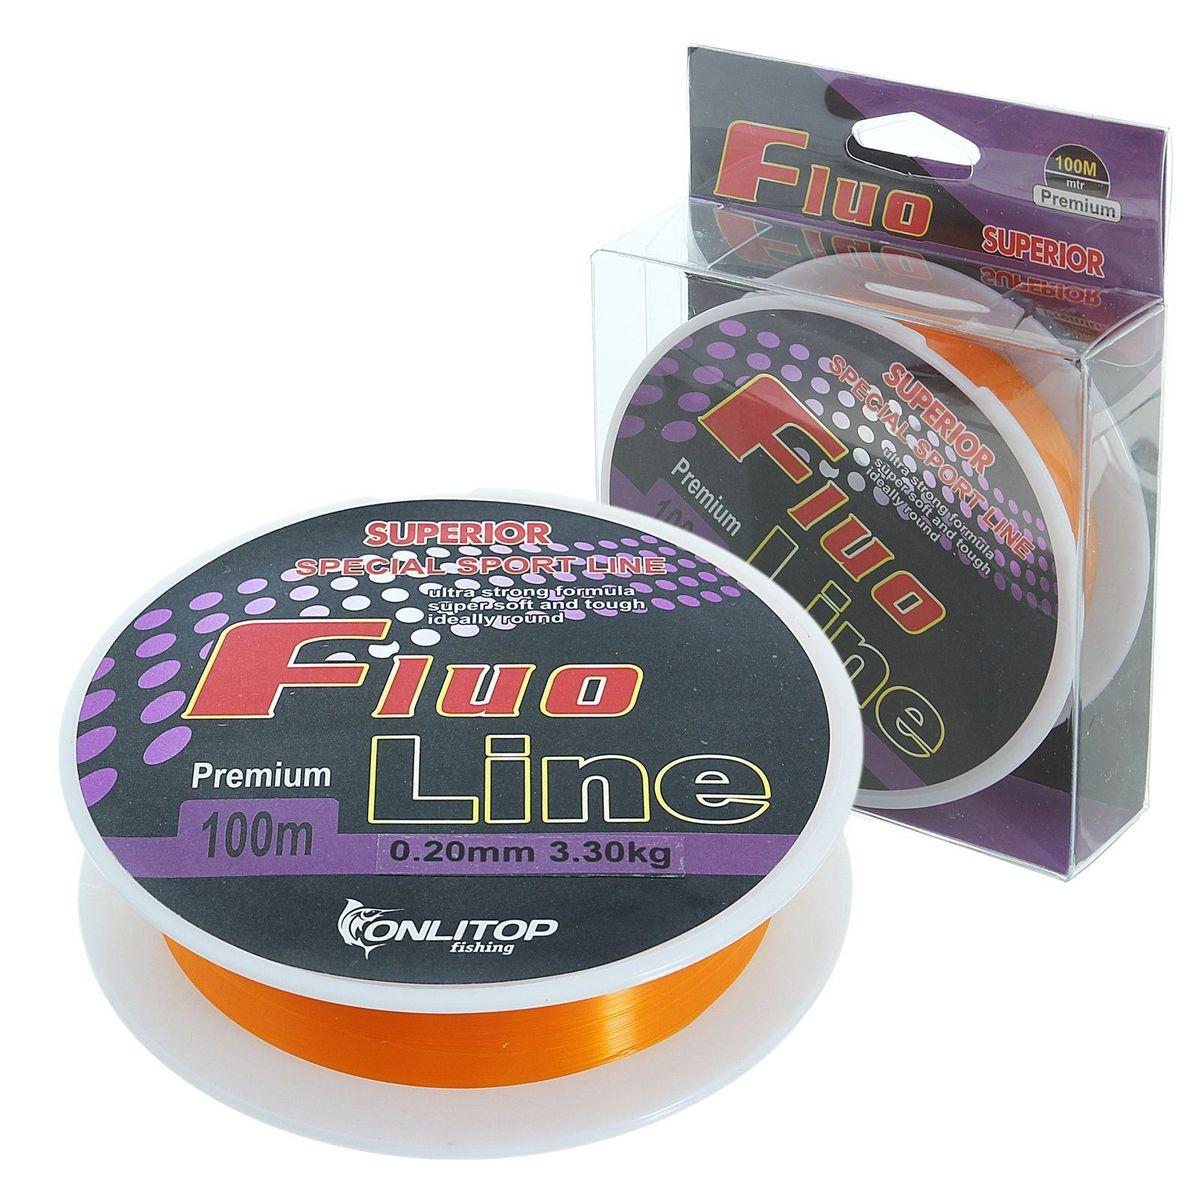 Леска Onlitop Fluo Line, цвет: оранжевый, 100 м, 0,2 мм, 3,3 кг010-01199-23Во время технологического процесса волокна сплетаются и специально разработанным способом сплавляются в единое целое. В ходе такой обработки леска становится прочнее, чем совокупность составляющих ее волокон. Таким образом получается оптимальный синтез монофильной и плетеной лески.